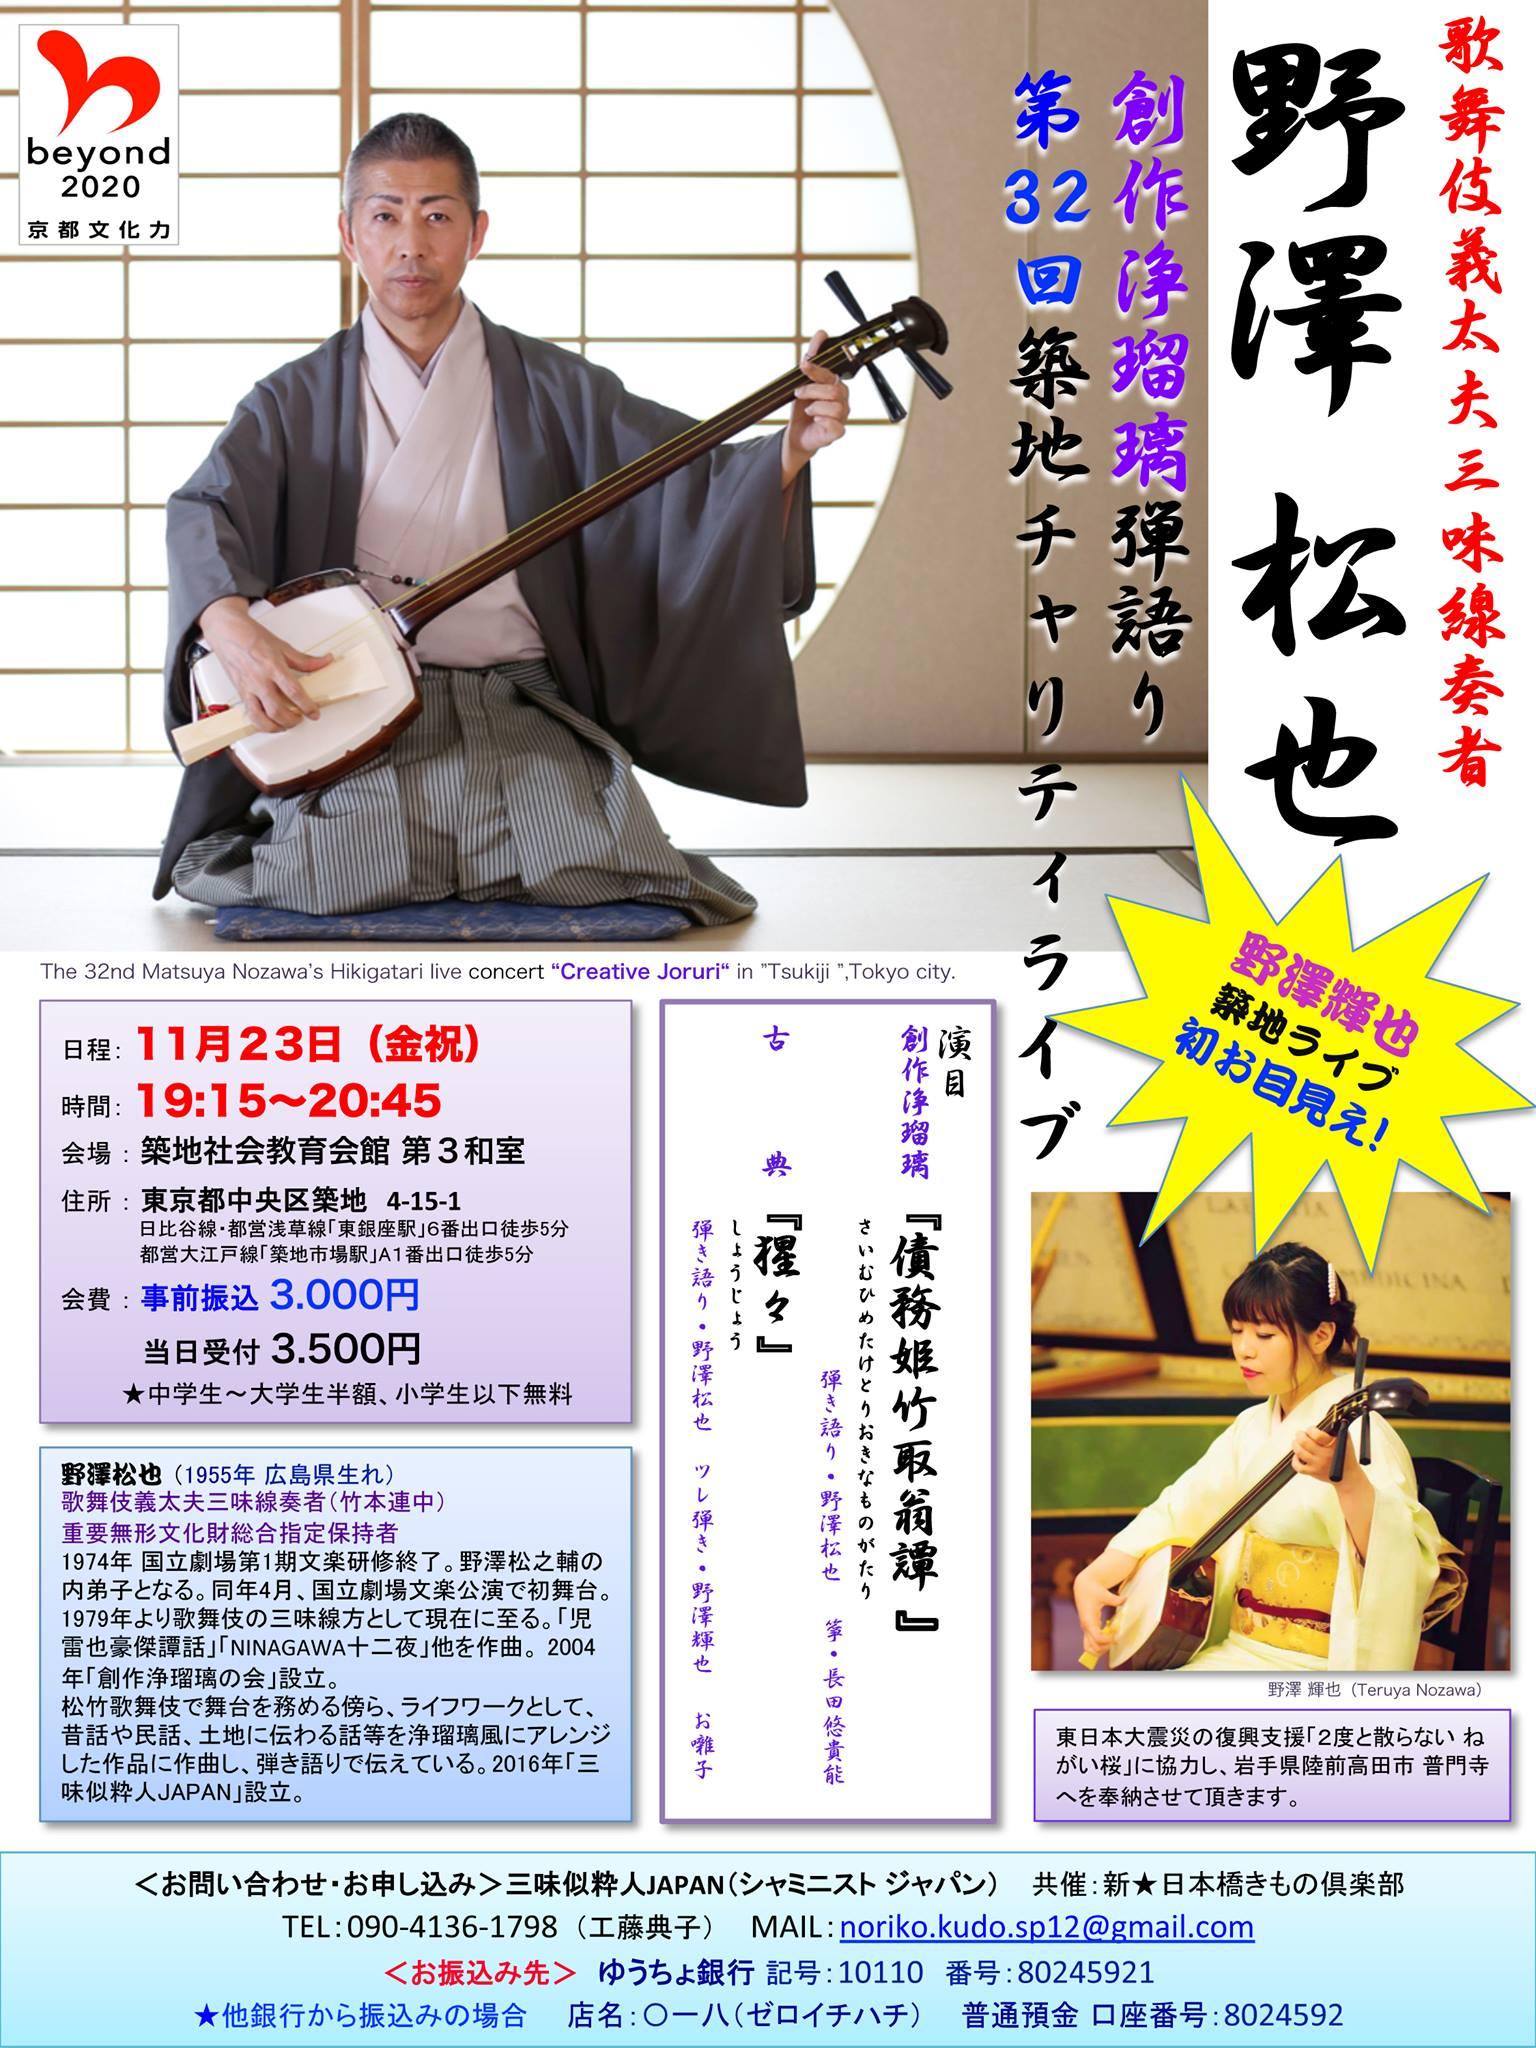 野澤松也 創作浄瑠璃弾き語り 第32回 築地チャリティライブ